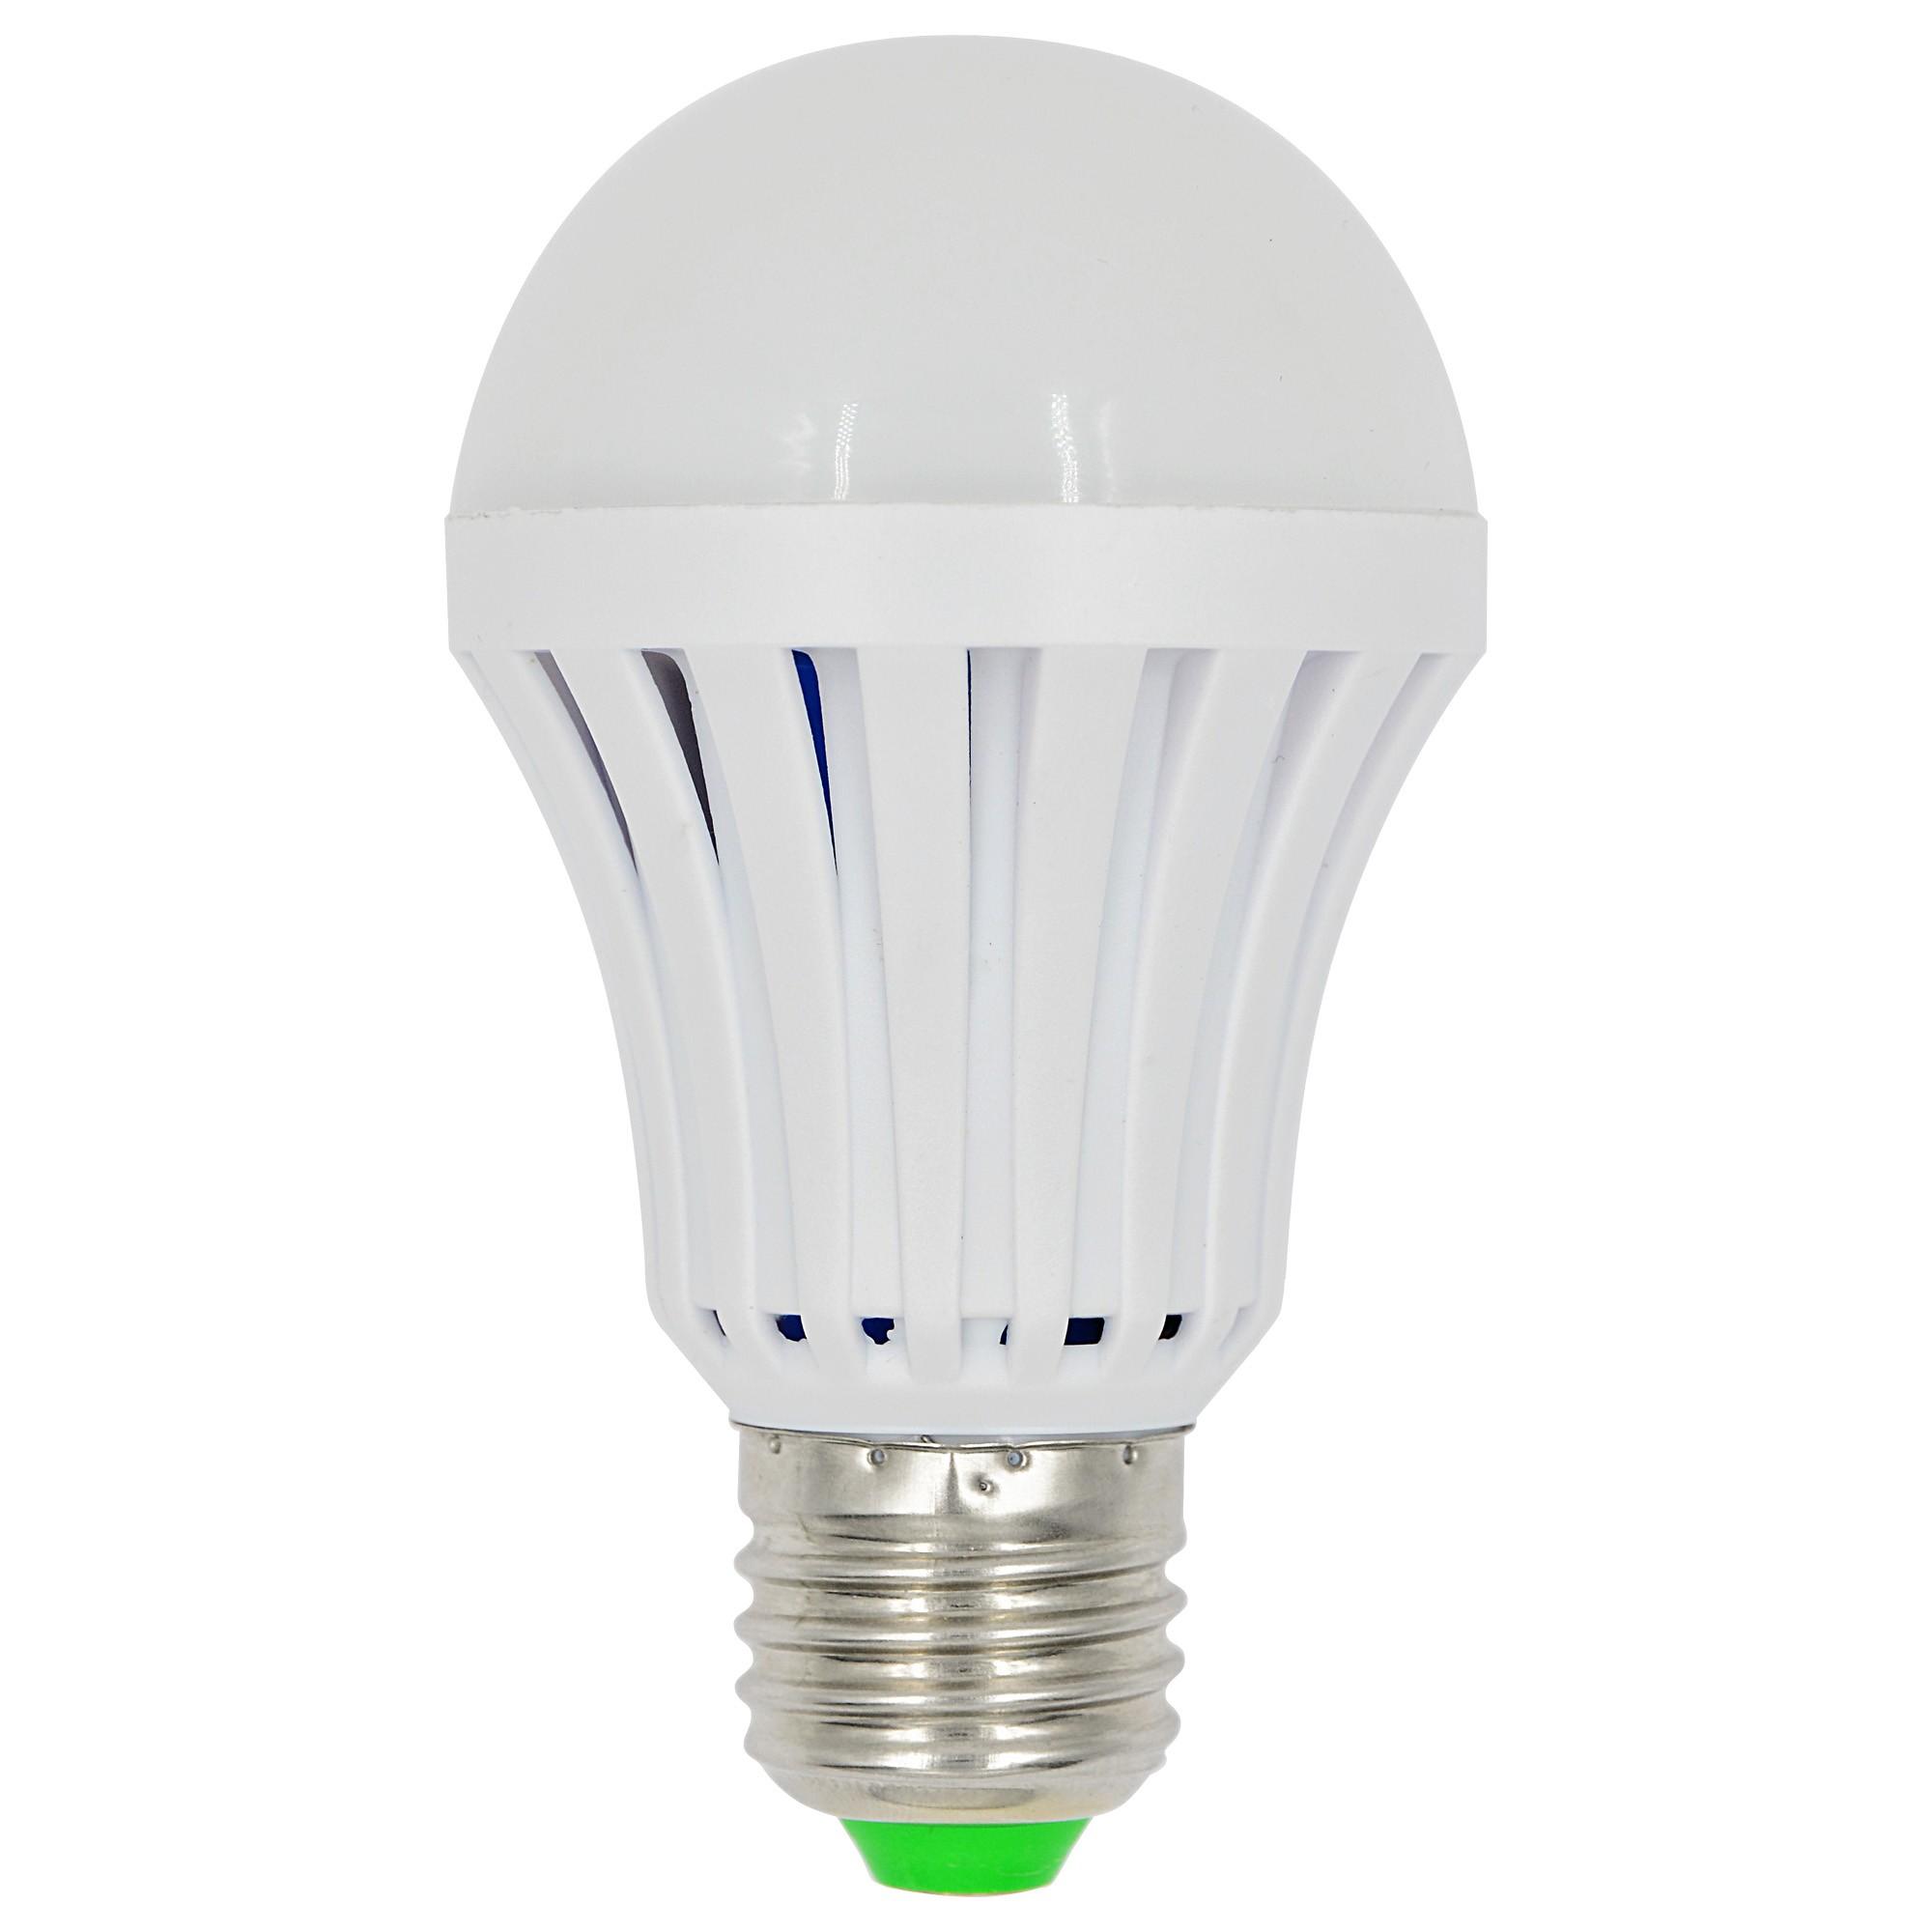 Mengsled Mengs Anti Strobe E27 5w Led Emergency Light 10x 5730 Smd Led Lamp Bulb Ac 85 265v